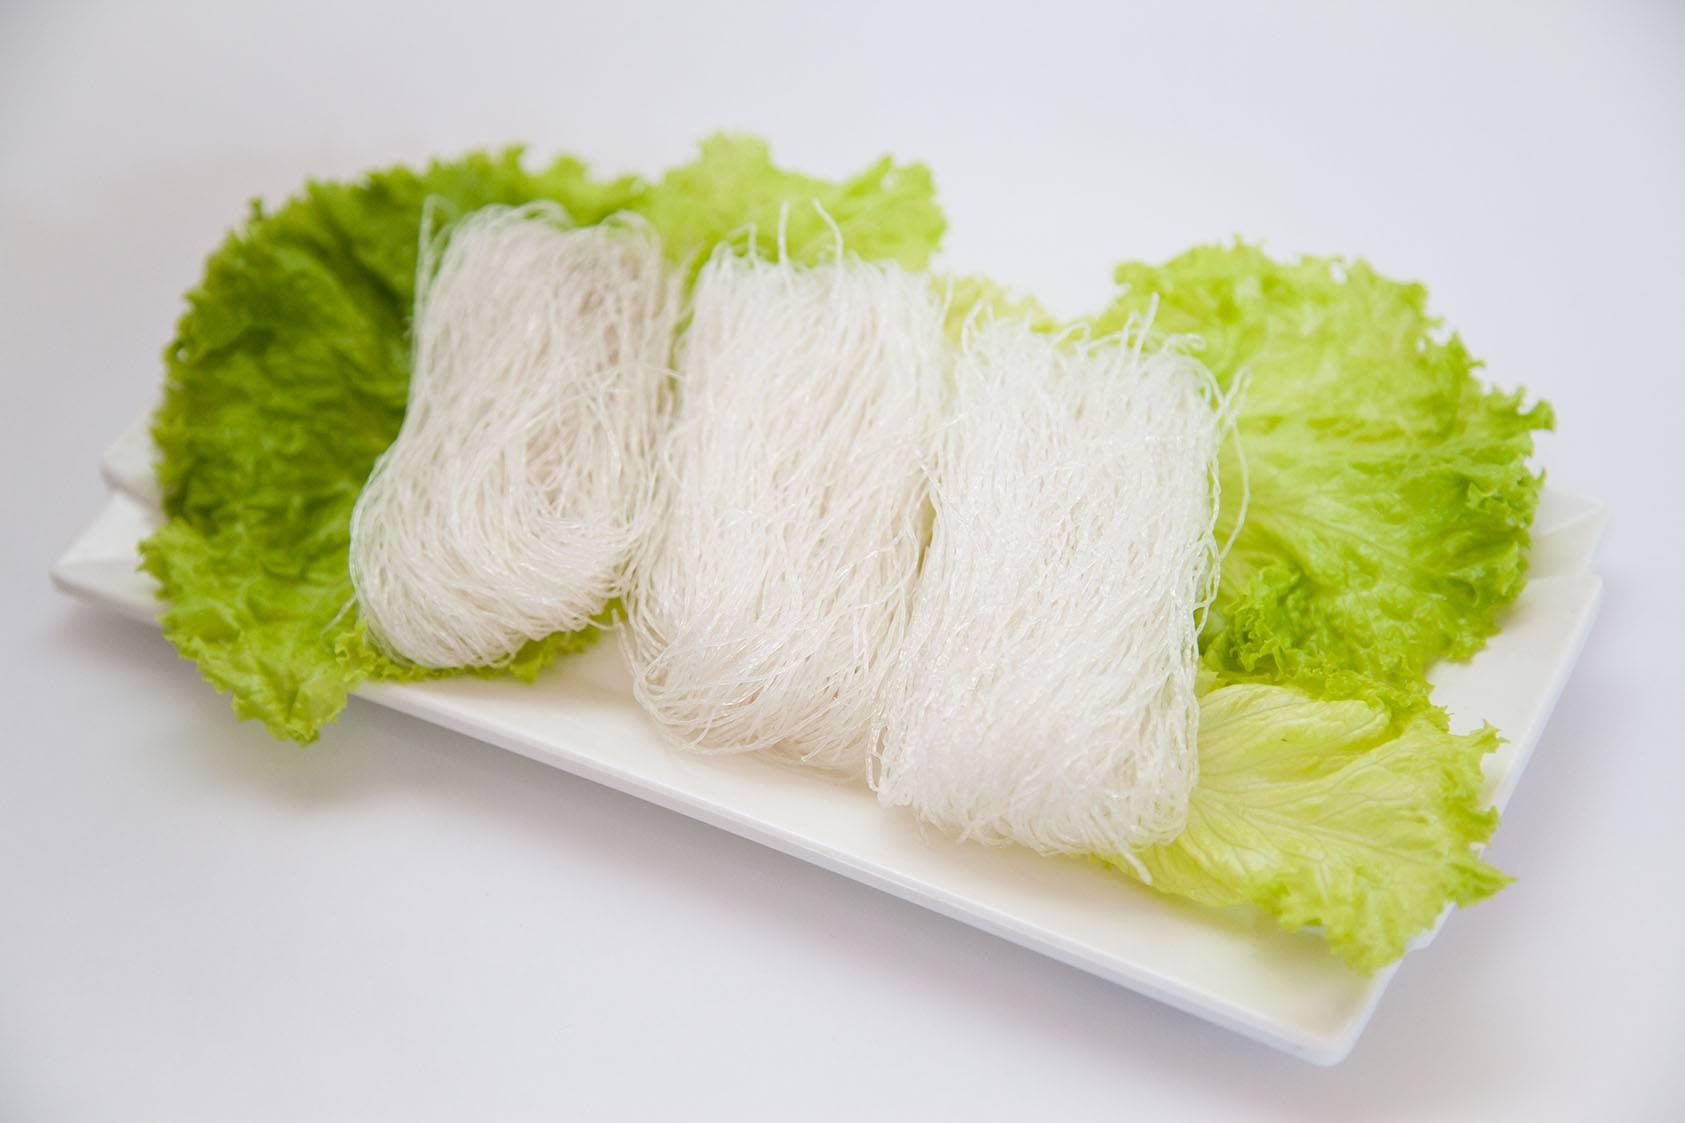 Стеклянная вермишель фунчоза: польза для организма, влияние на похудение и применение в кулинарии